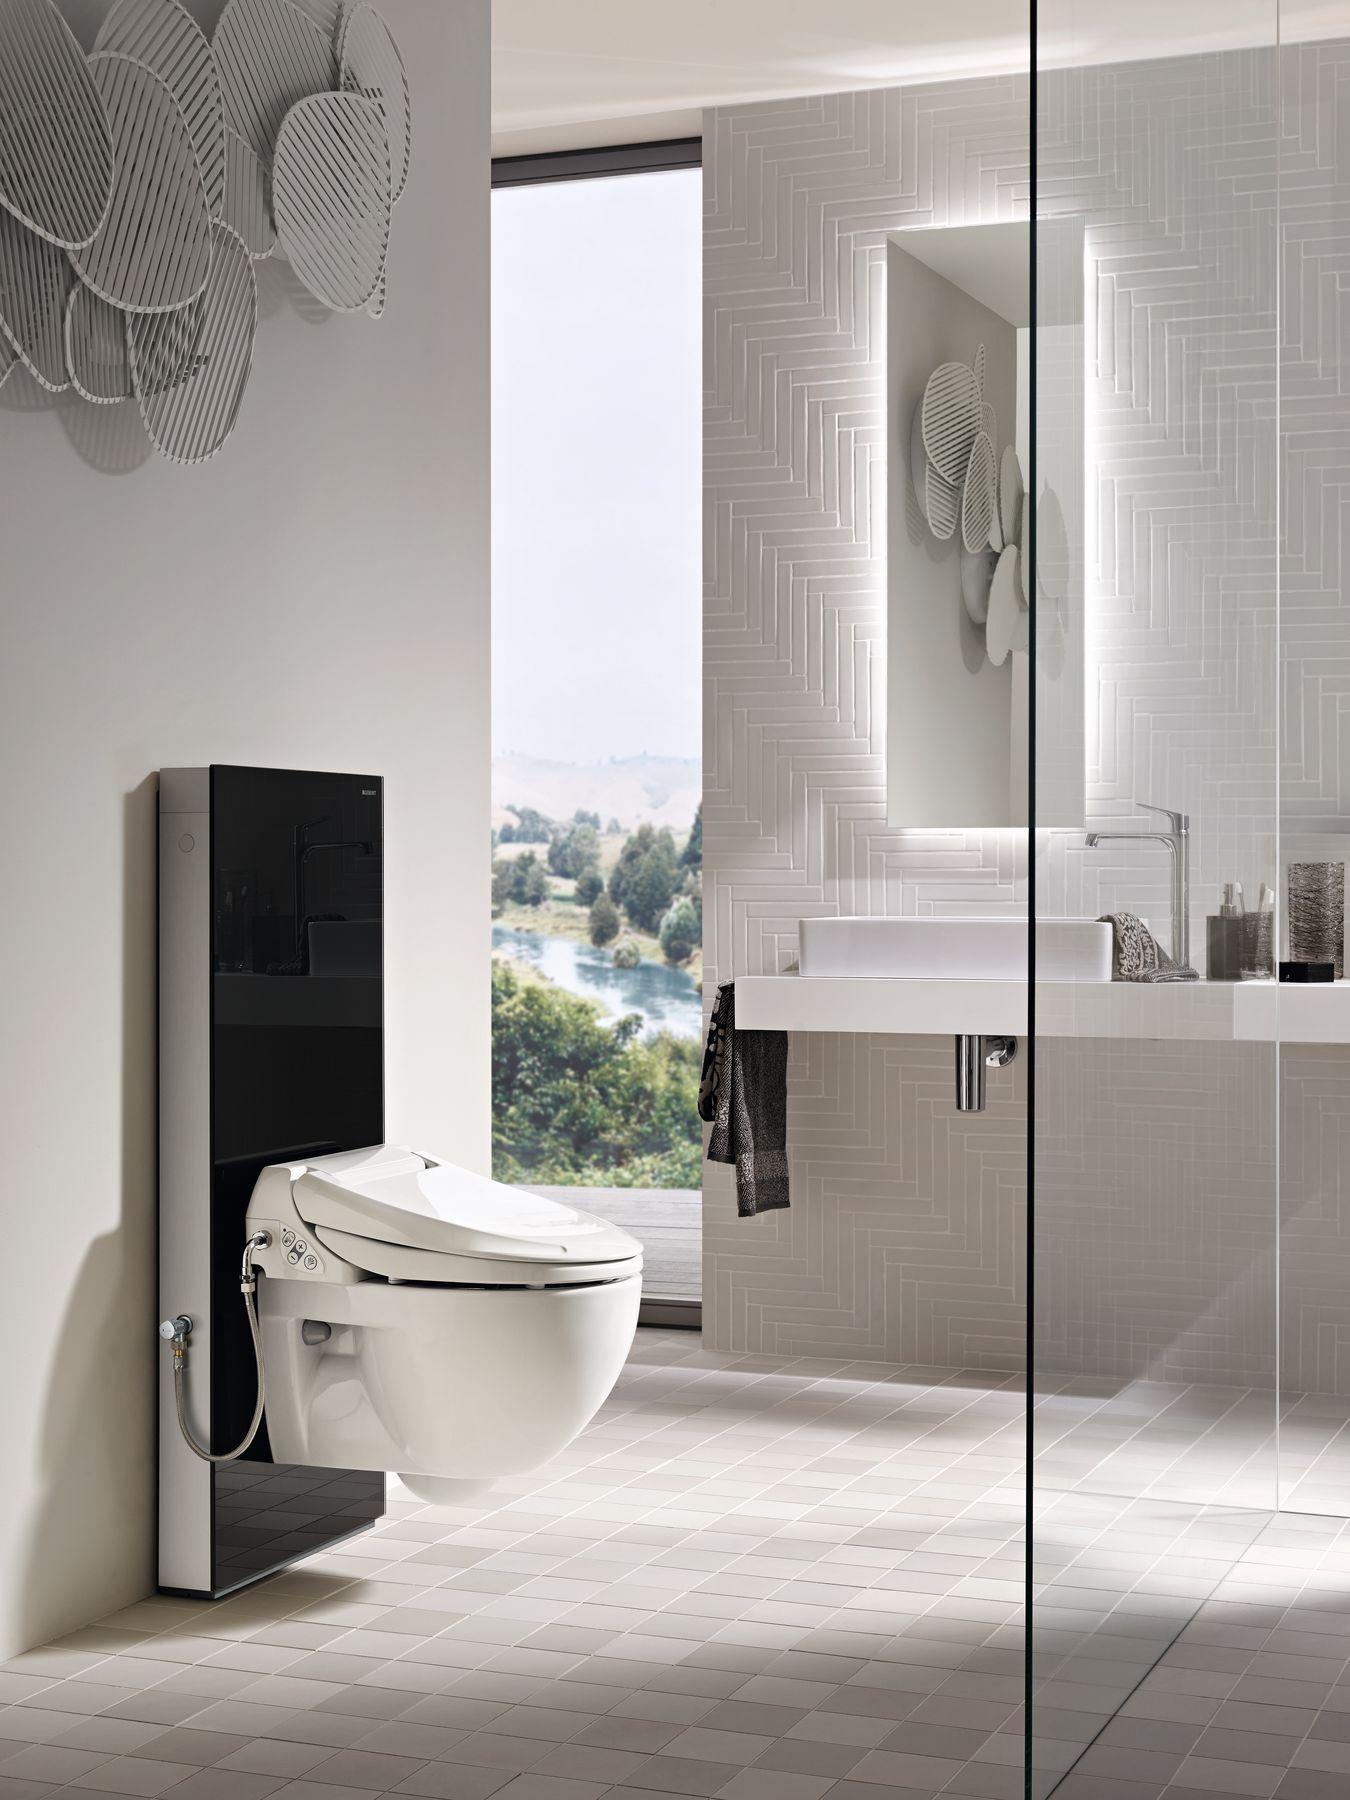 Geberit Aquaclean 4000 With Geberit Sanitary Module Monolith Showertoilet Design Badkamer Vrijstaande Douche Badkamer